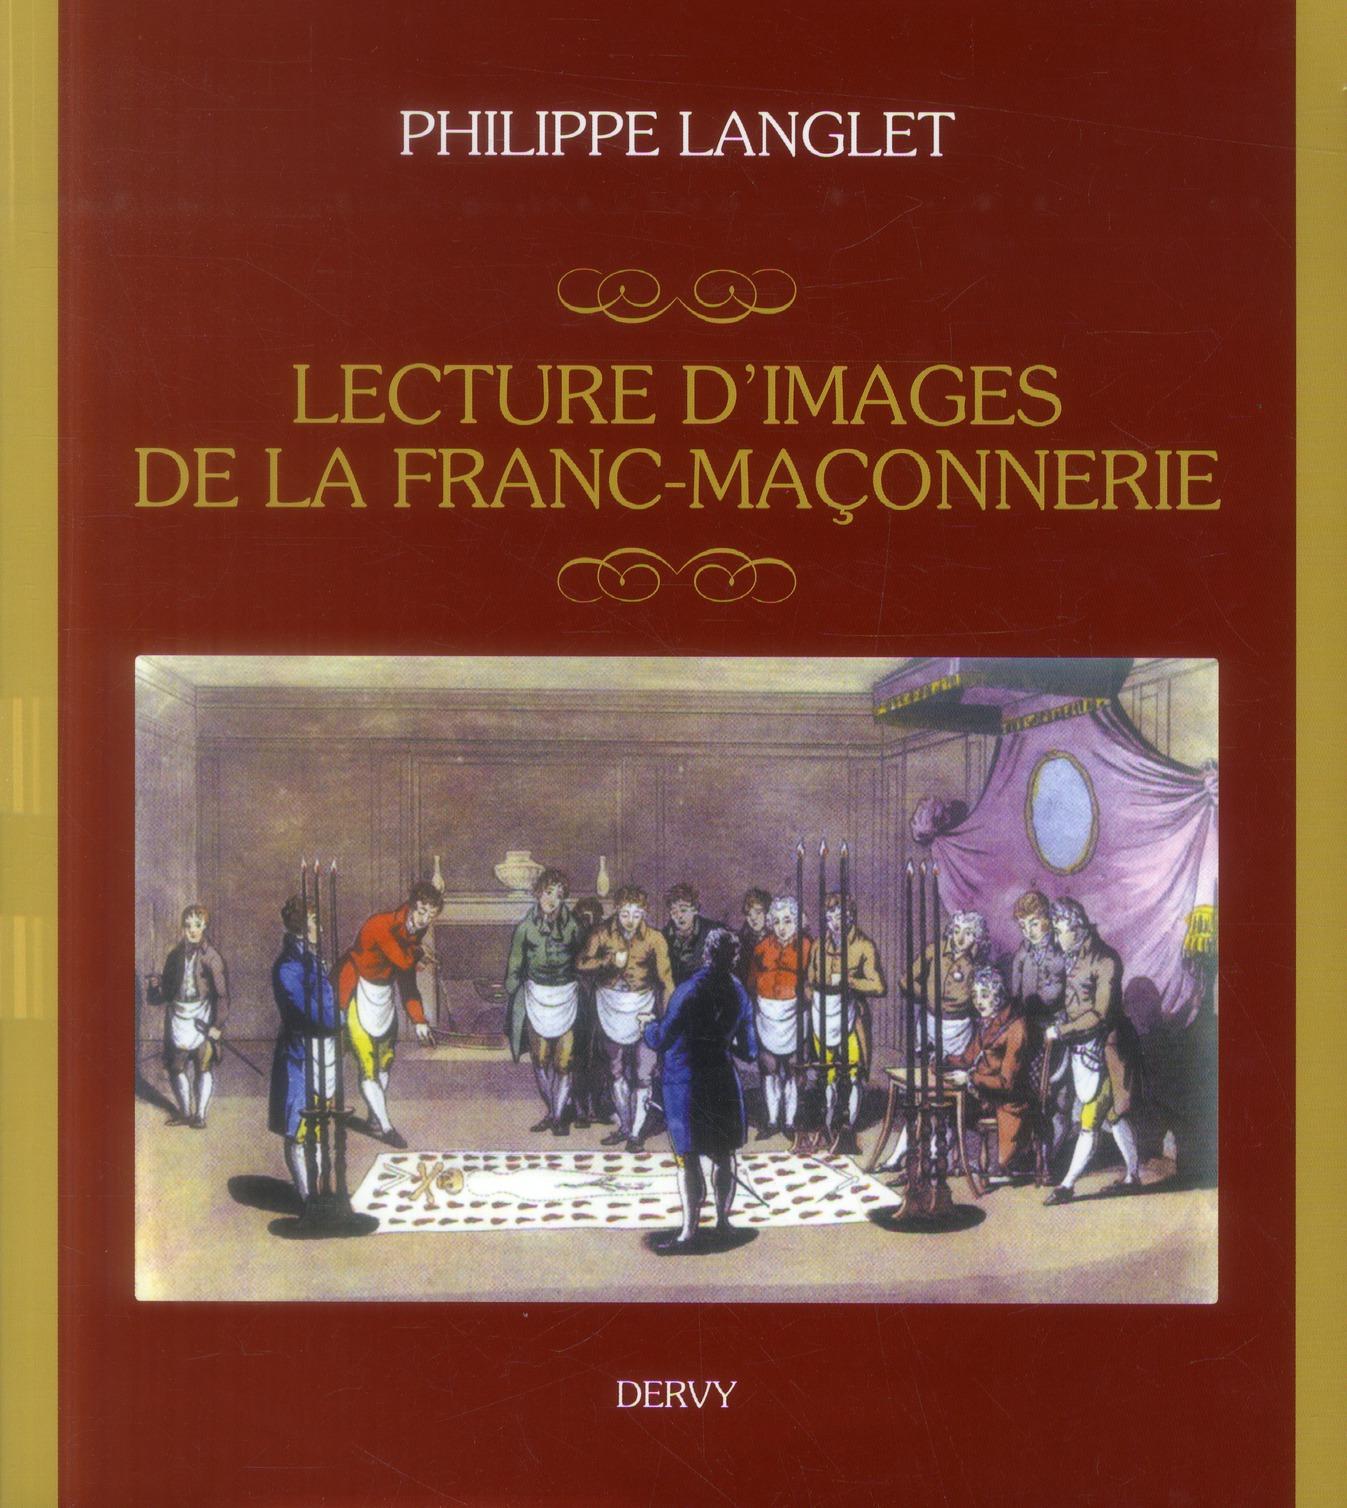 LECTURE D'IMAGES DE LA FRANC-MACONNERIE